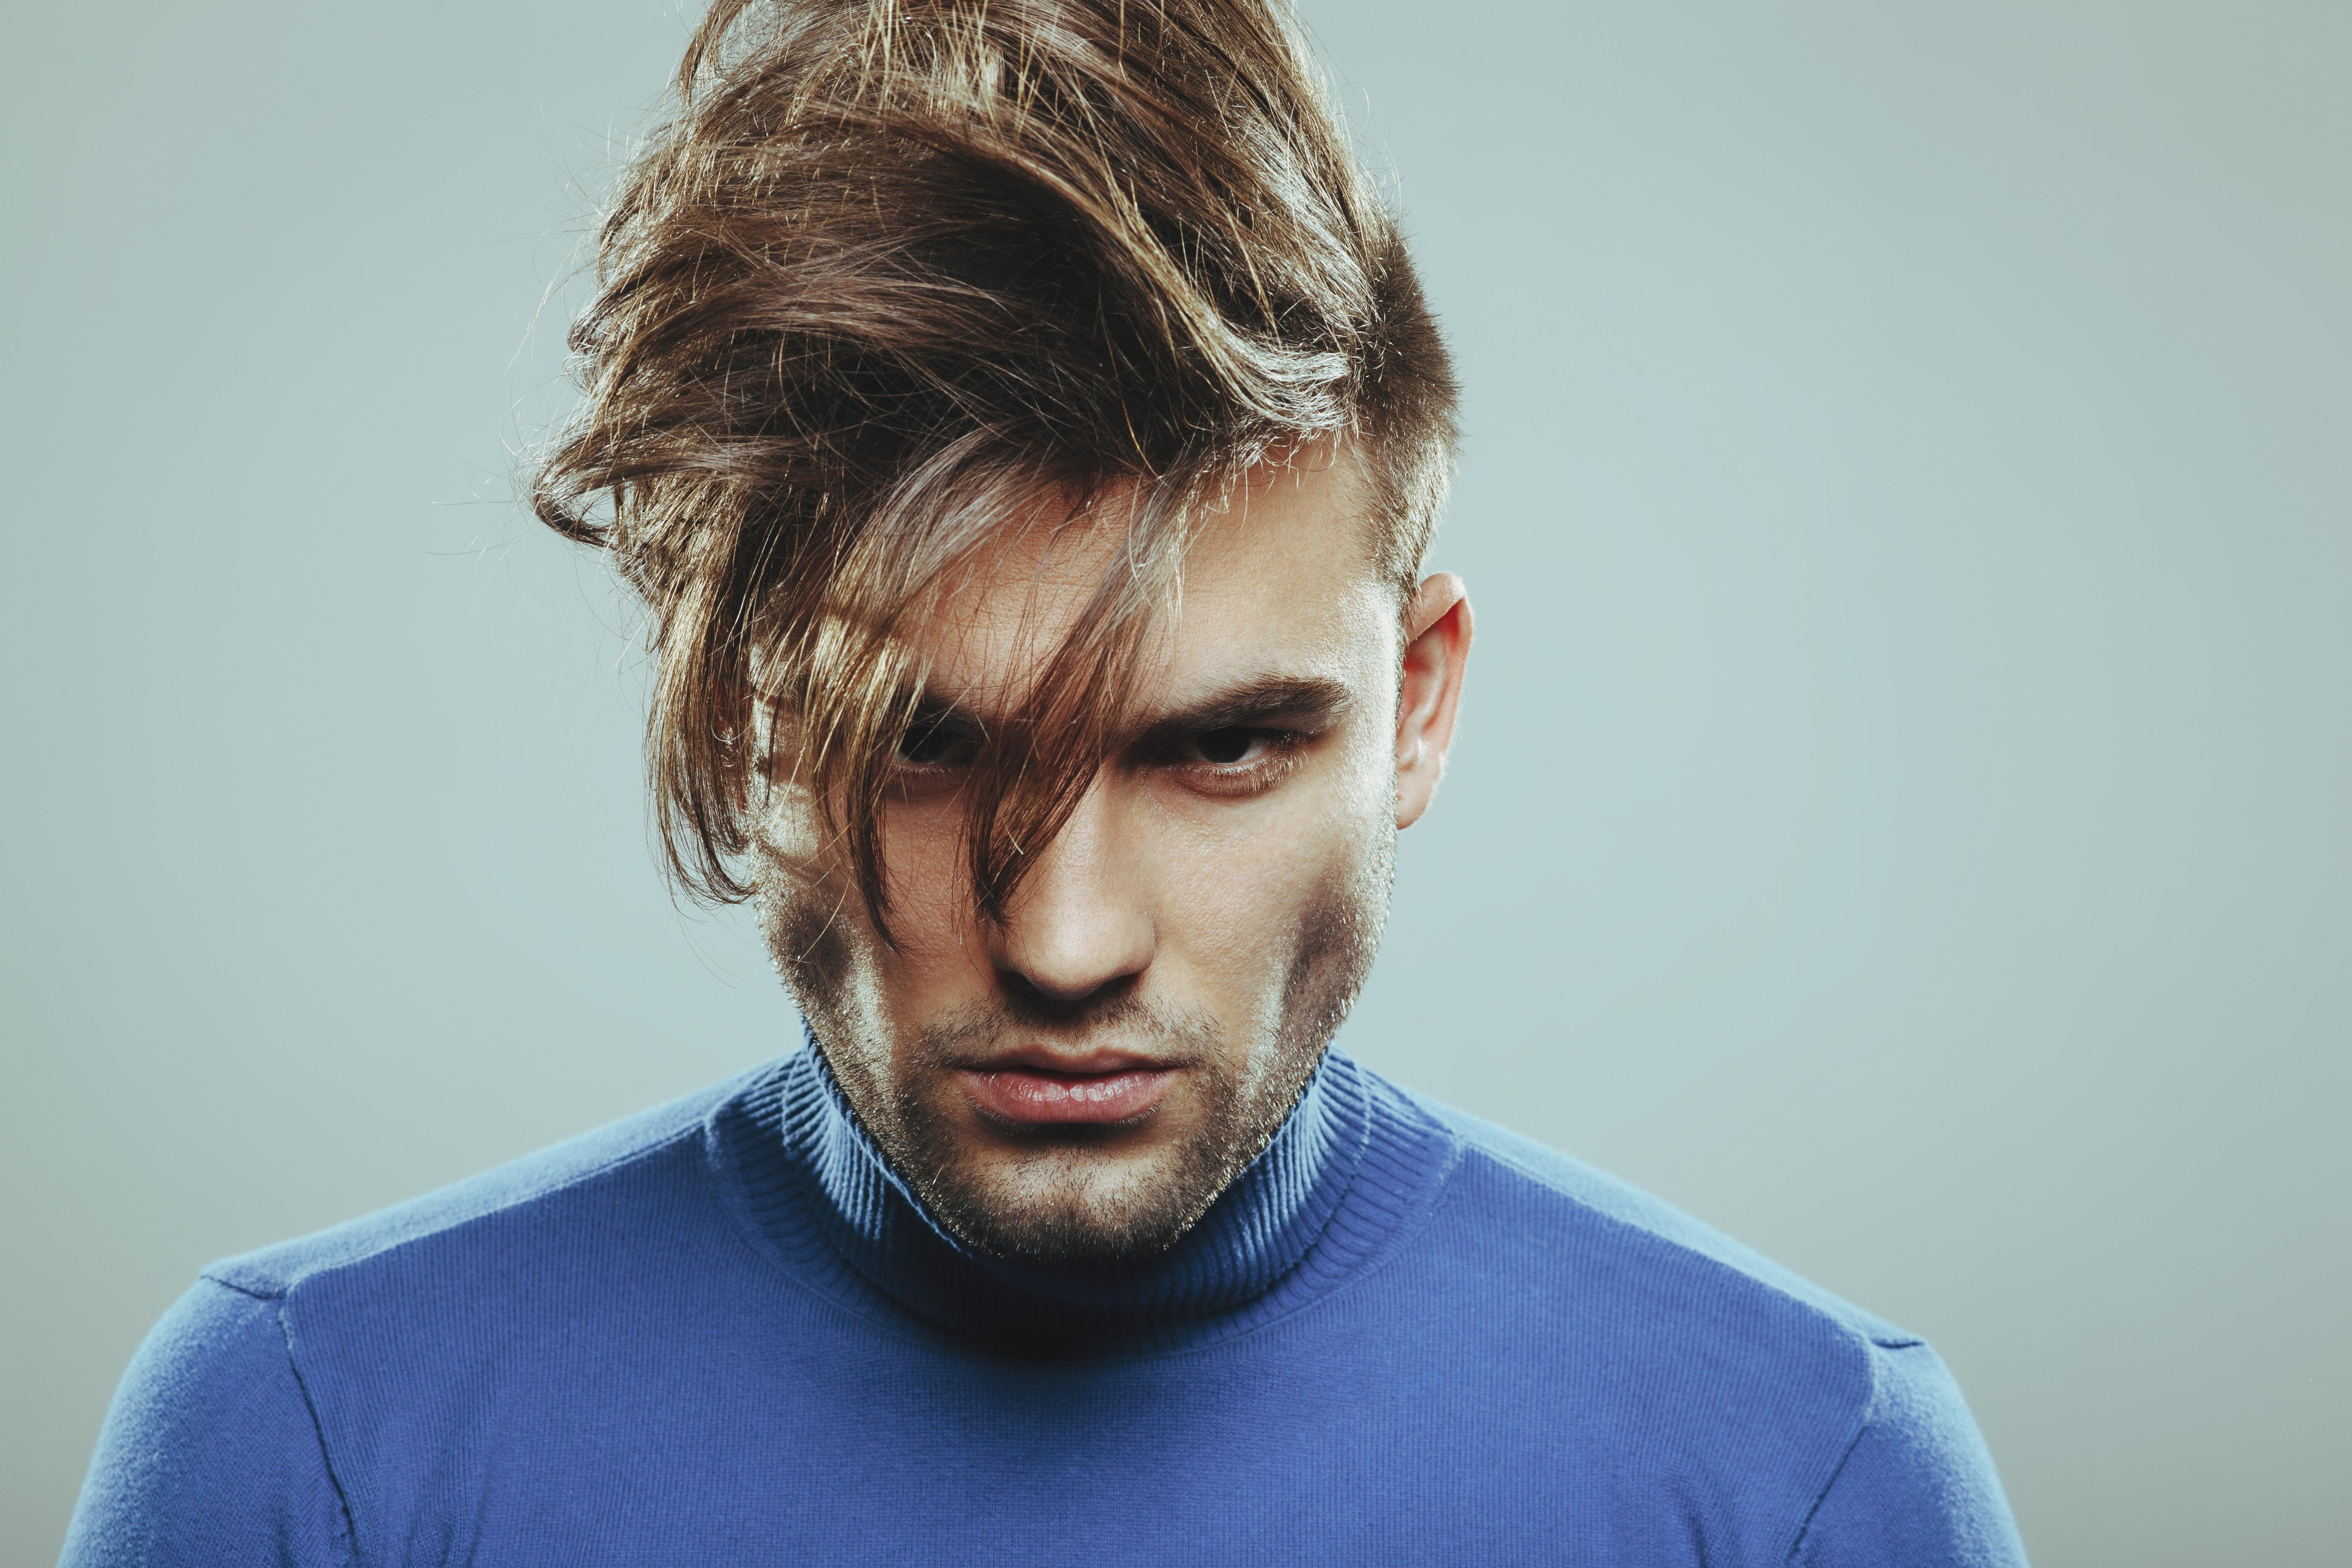 Jugend Haarschnitt